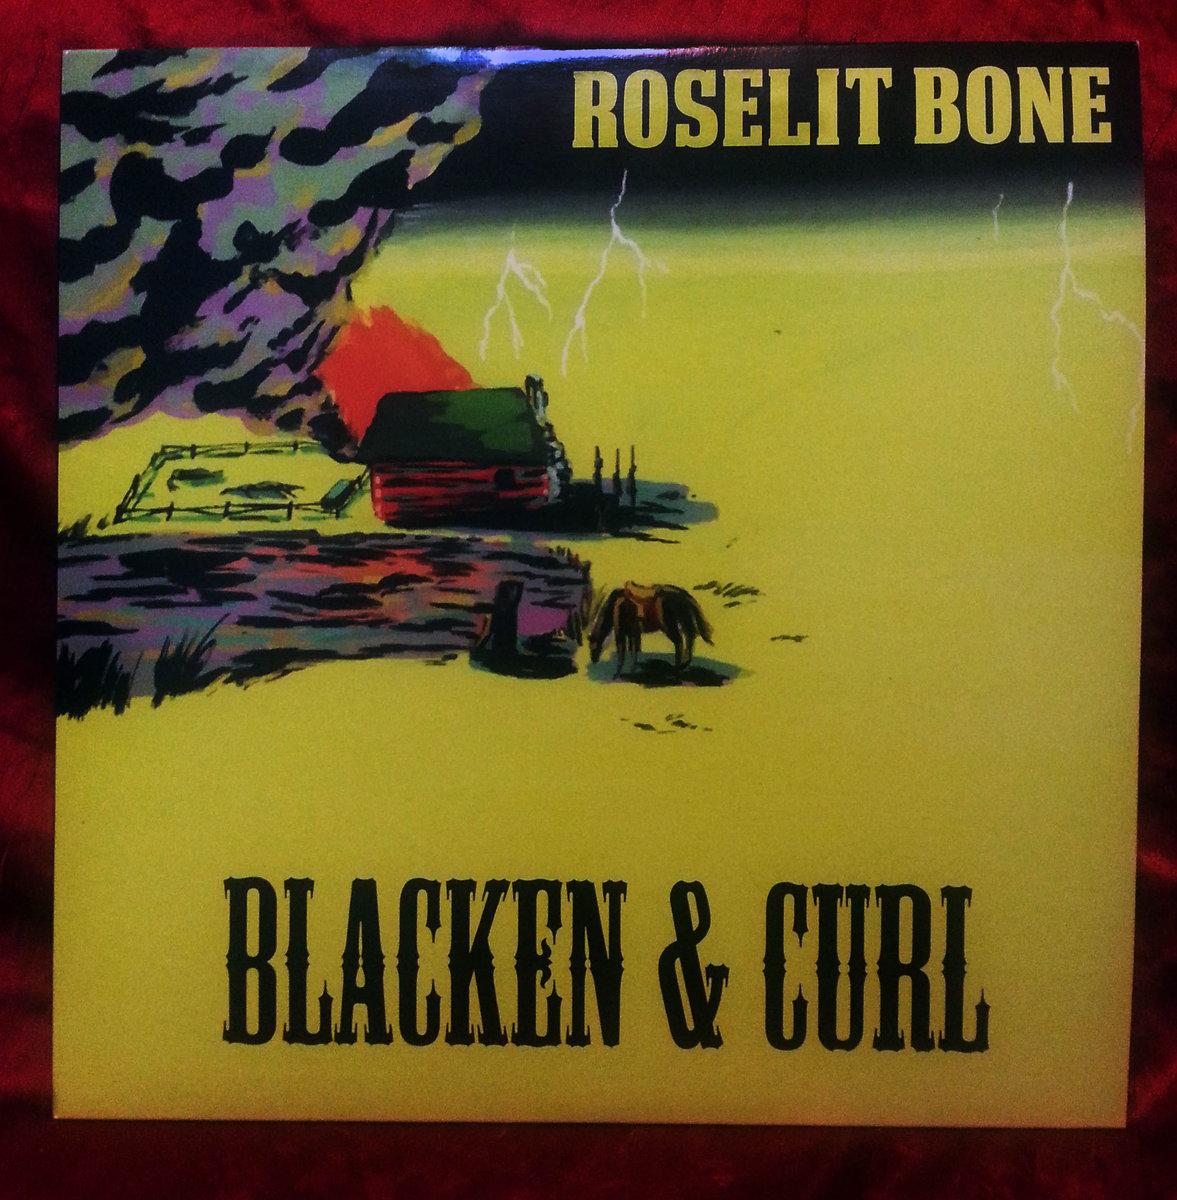 BLACKEN & CURL | Roselit Bone